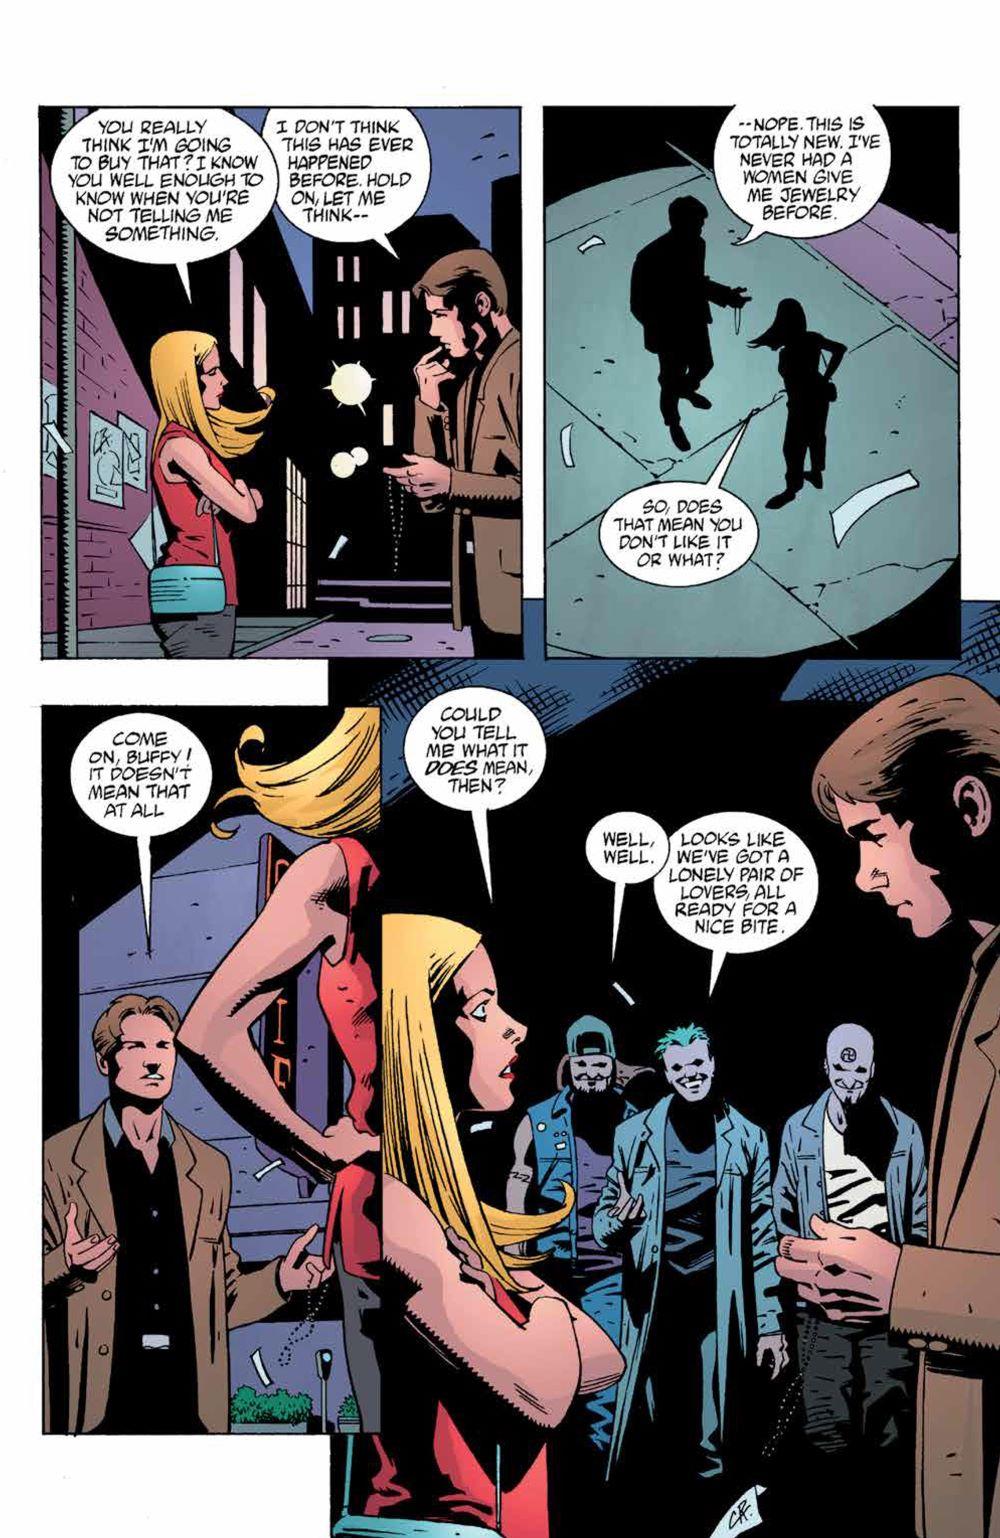 Buffy_Legacy_v4_SC_PRESS_10 ComicList Previews: BUFFY THE VAMPIRE SLAYER LEGACY EDITION VOLUME 4 SC